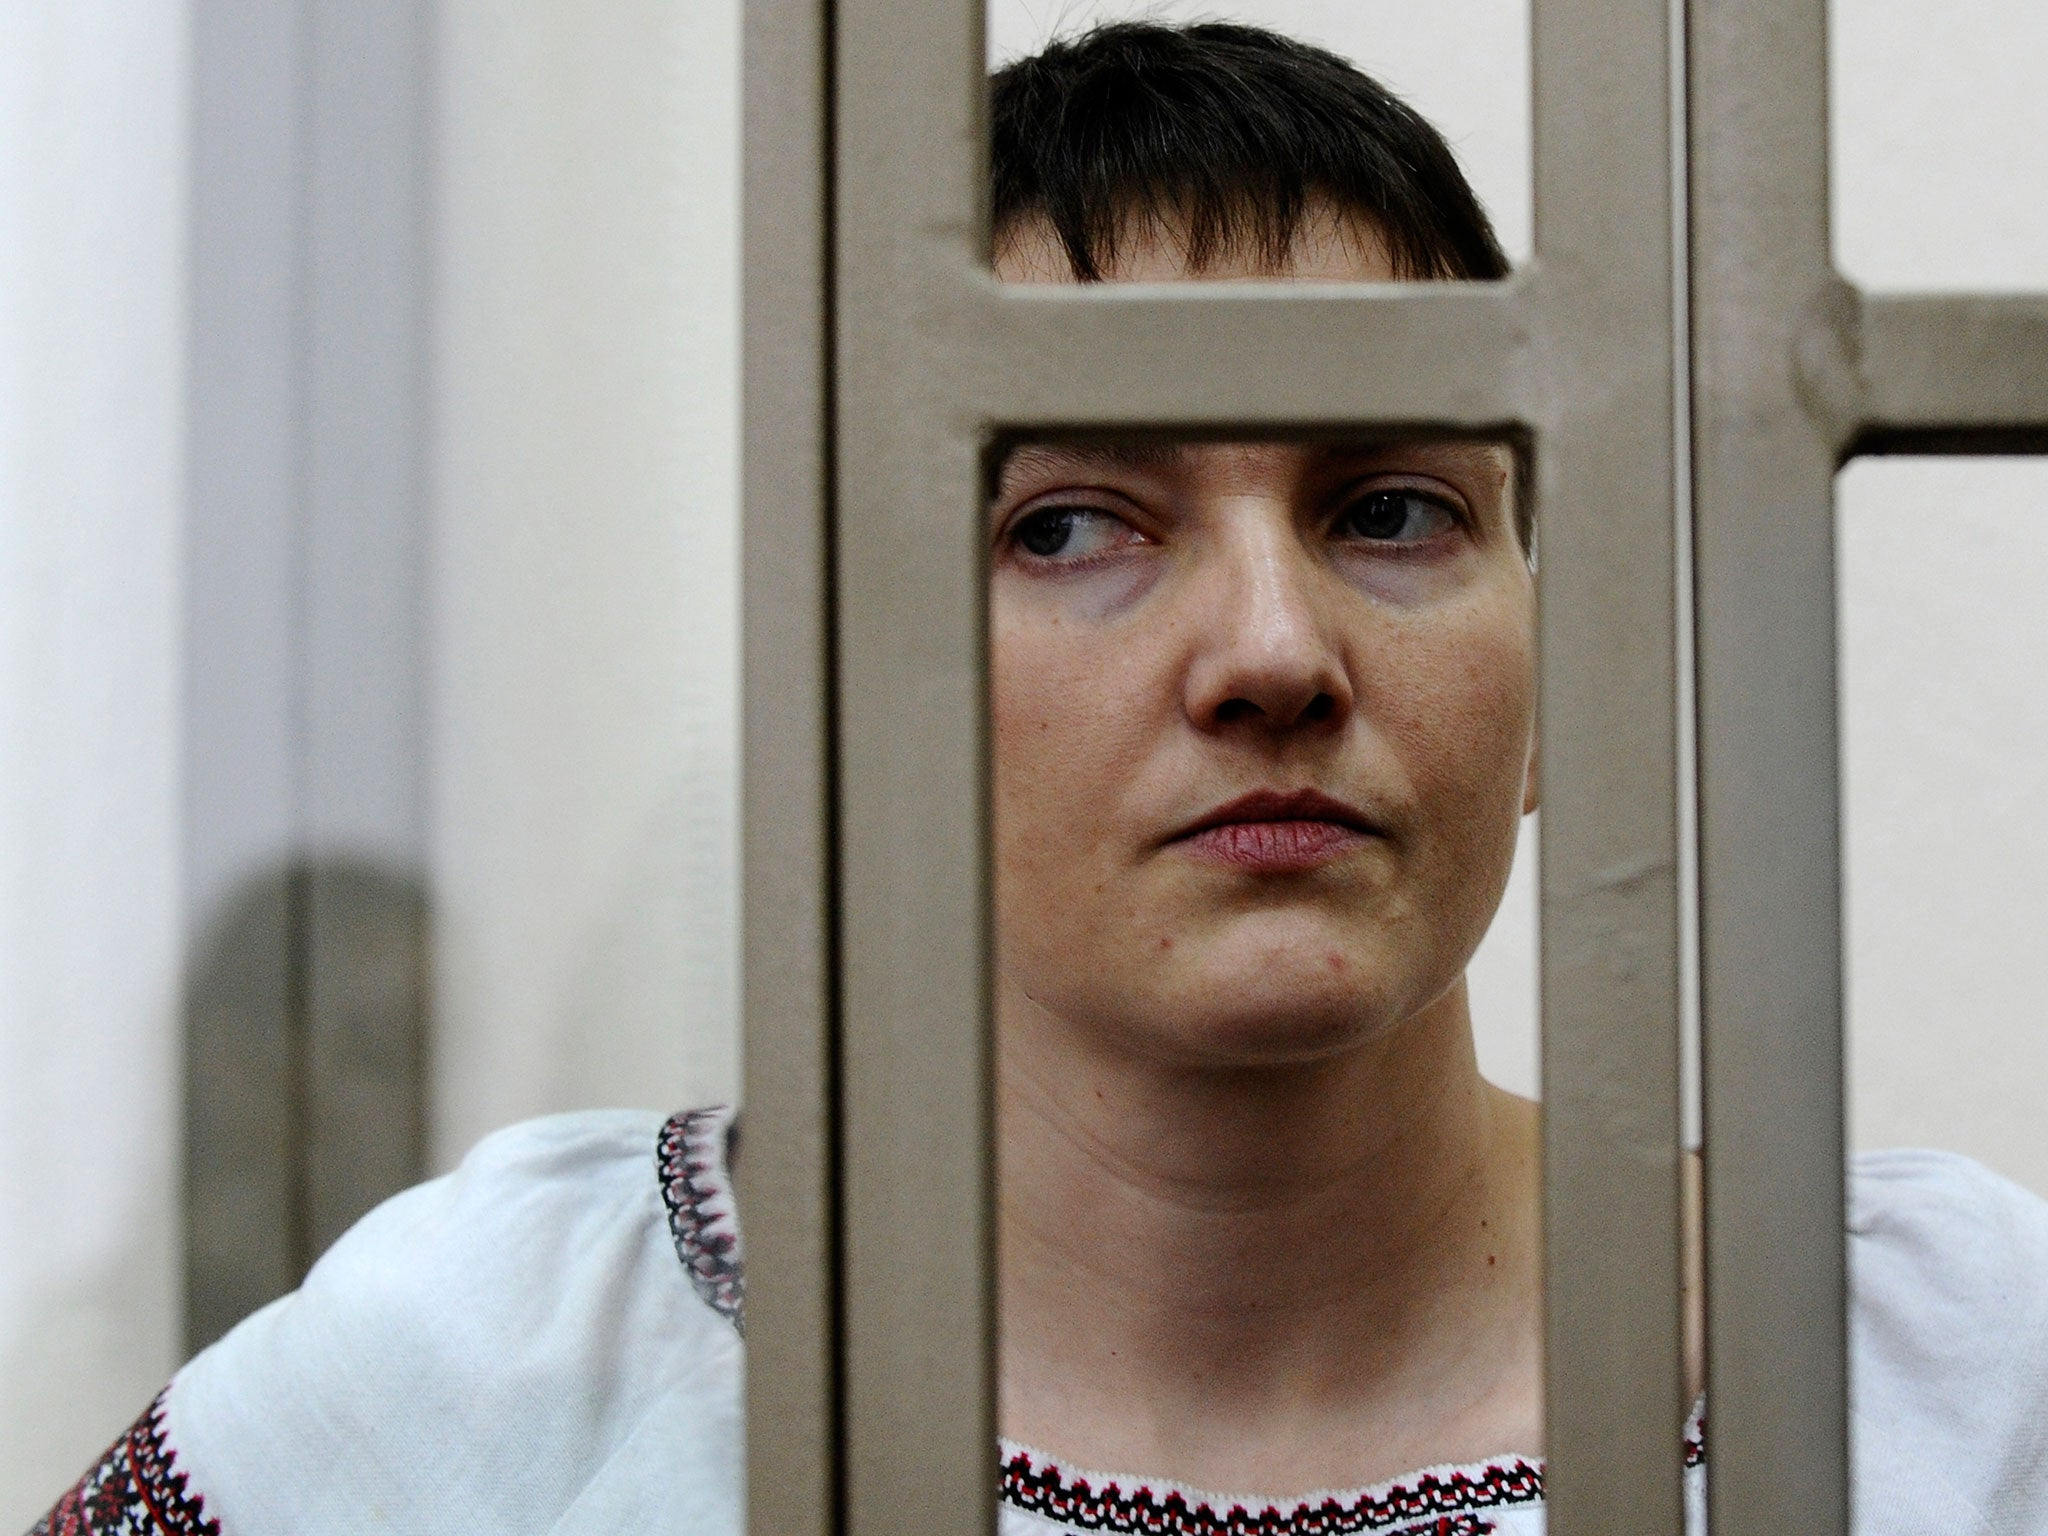 In the court of the Rostov region Nadezhda Savchenko put a package on her head